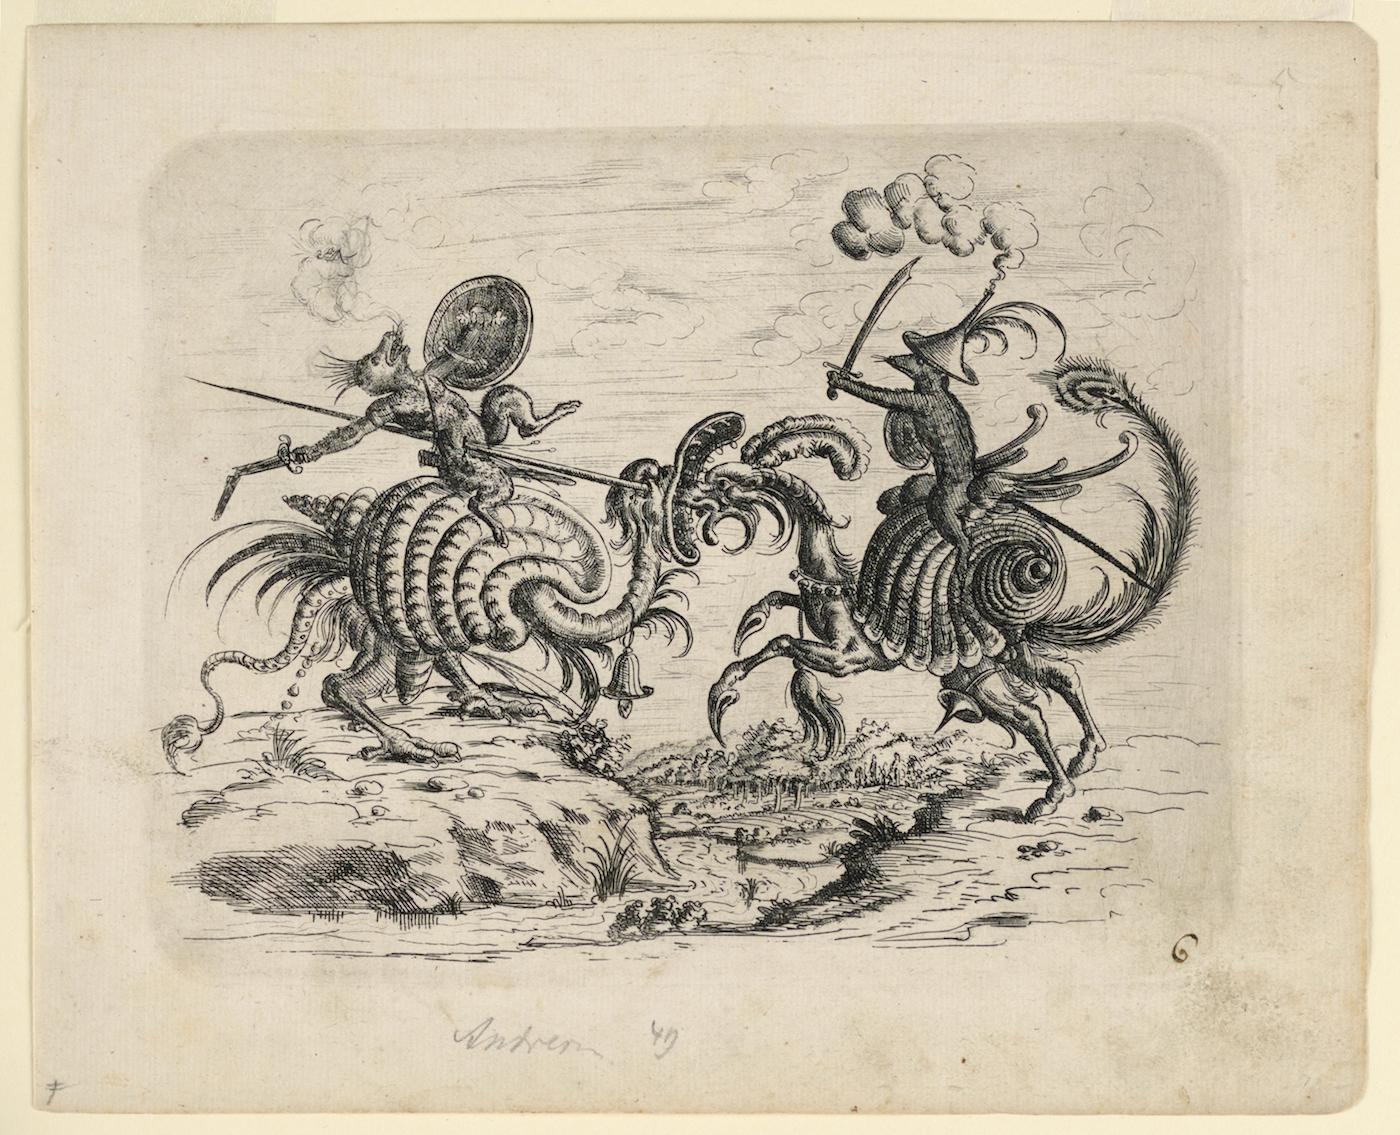 """Christoph Jamnitzer, """"Print, Plate 6, from Neüw Grotteßken Buch (New Grotesque Book)"""" (1610)"""